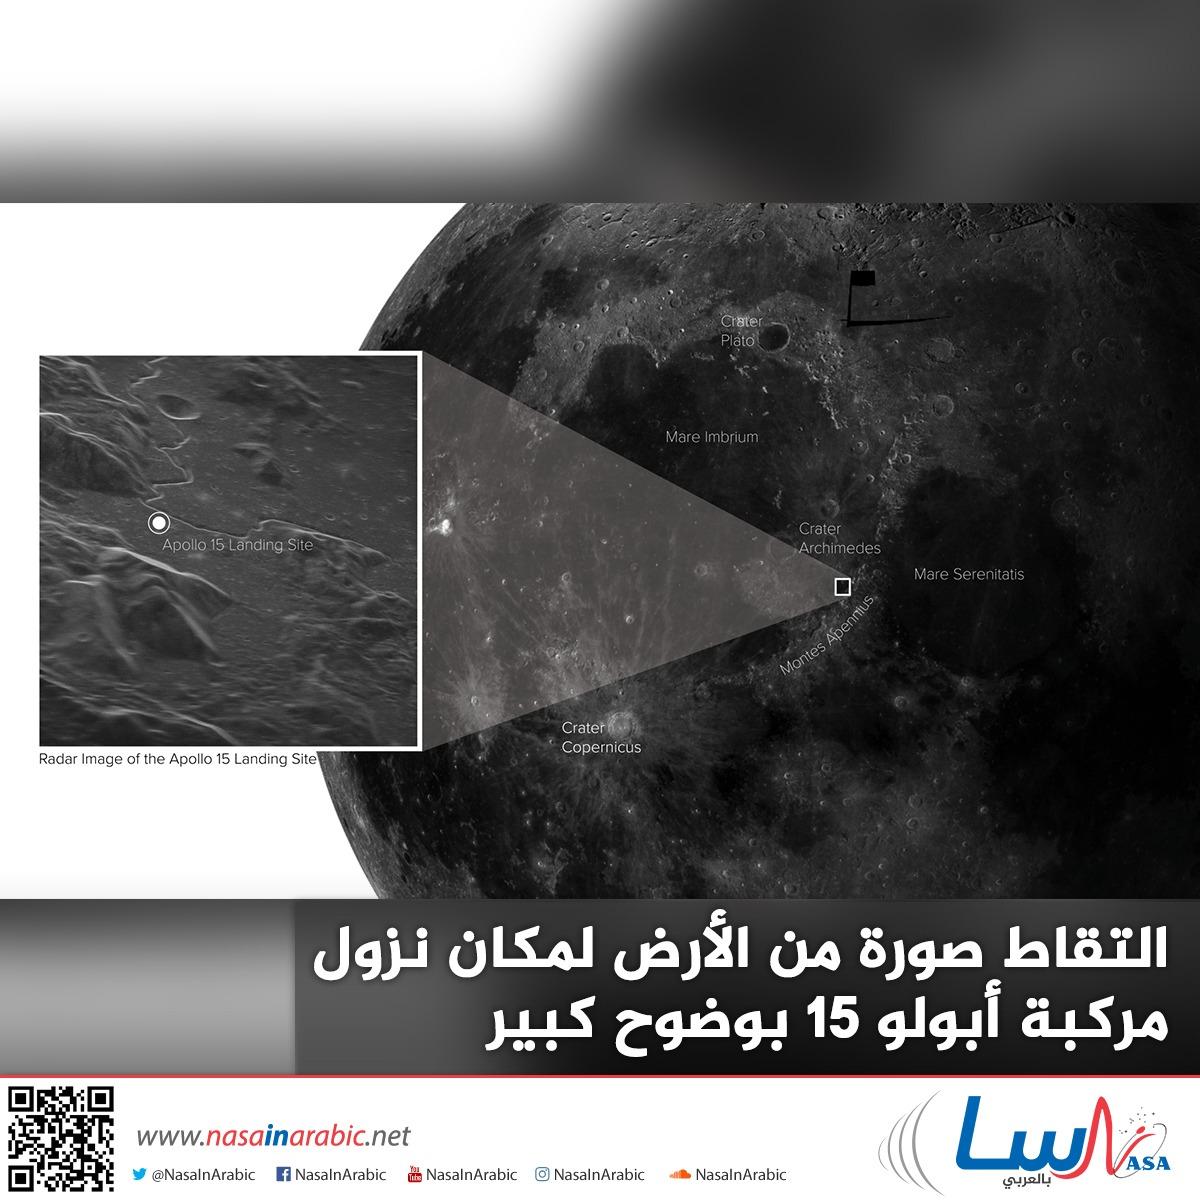 التقاط صورة من الأرض لمكان نزول مركبة أبولو 15 بوضوح كبير